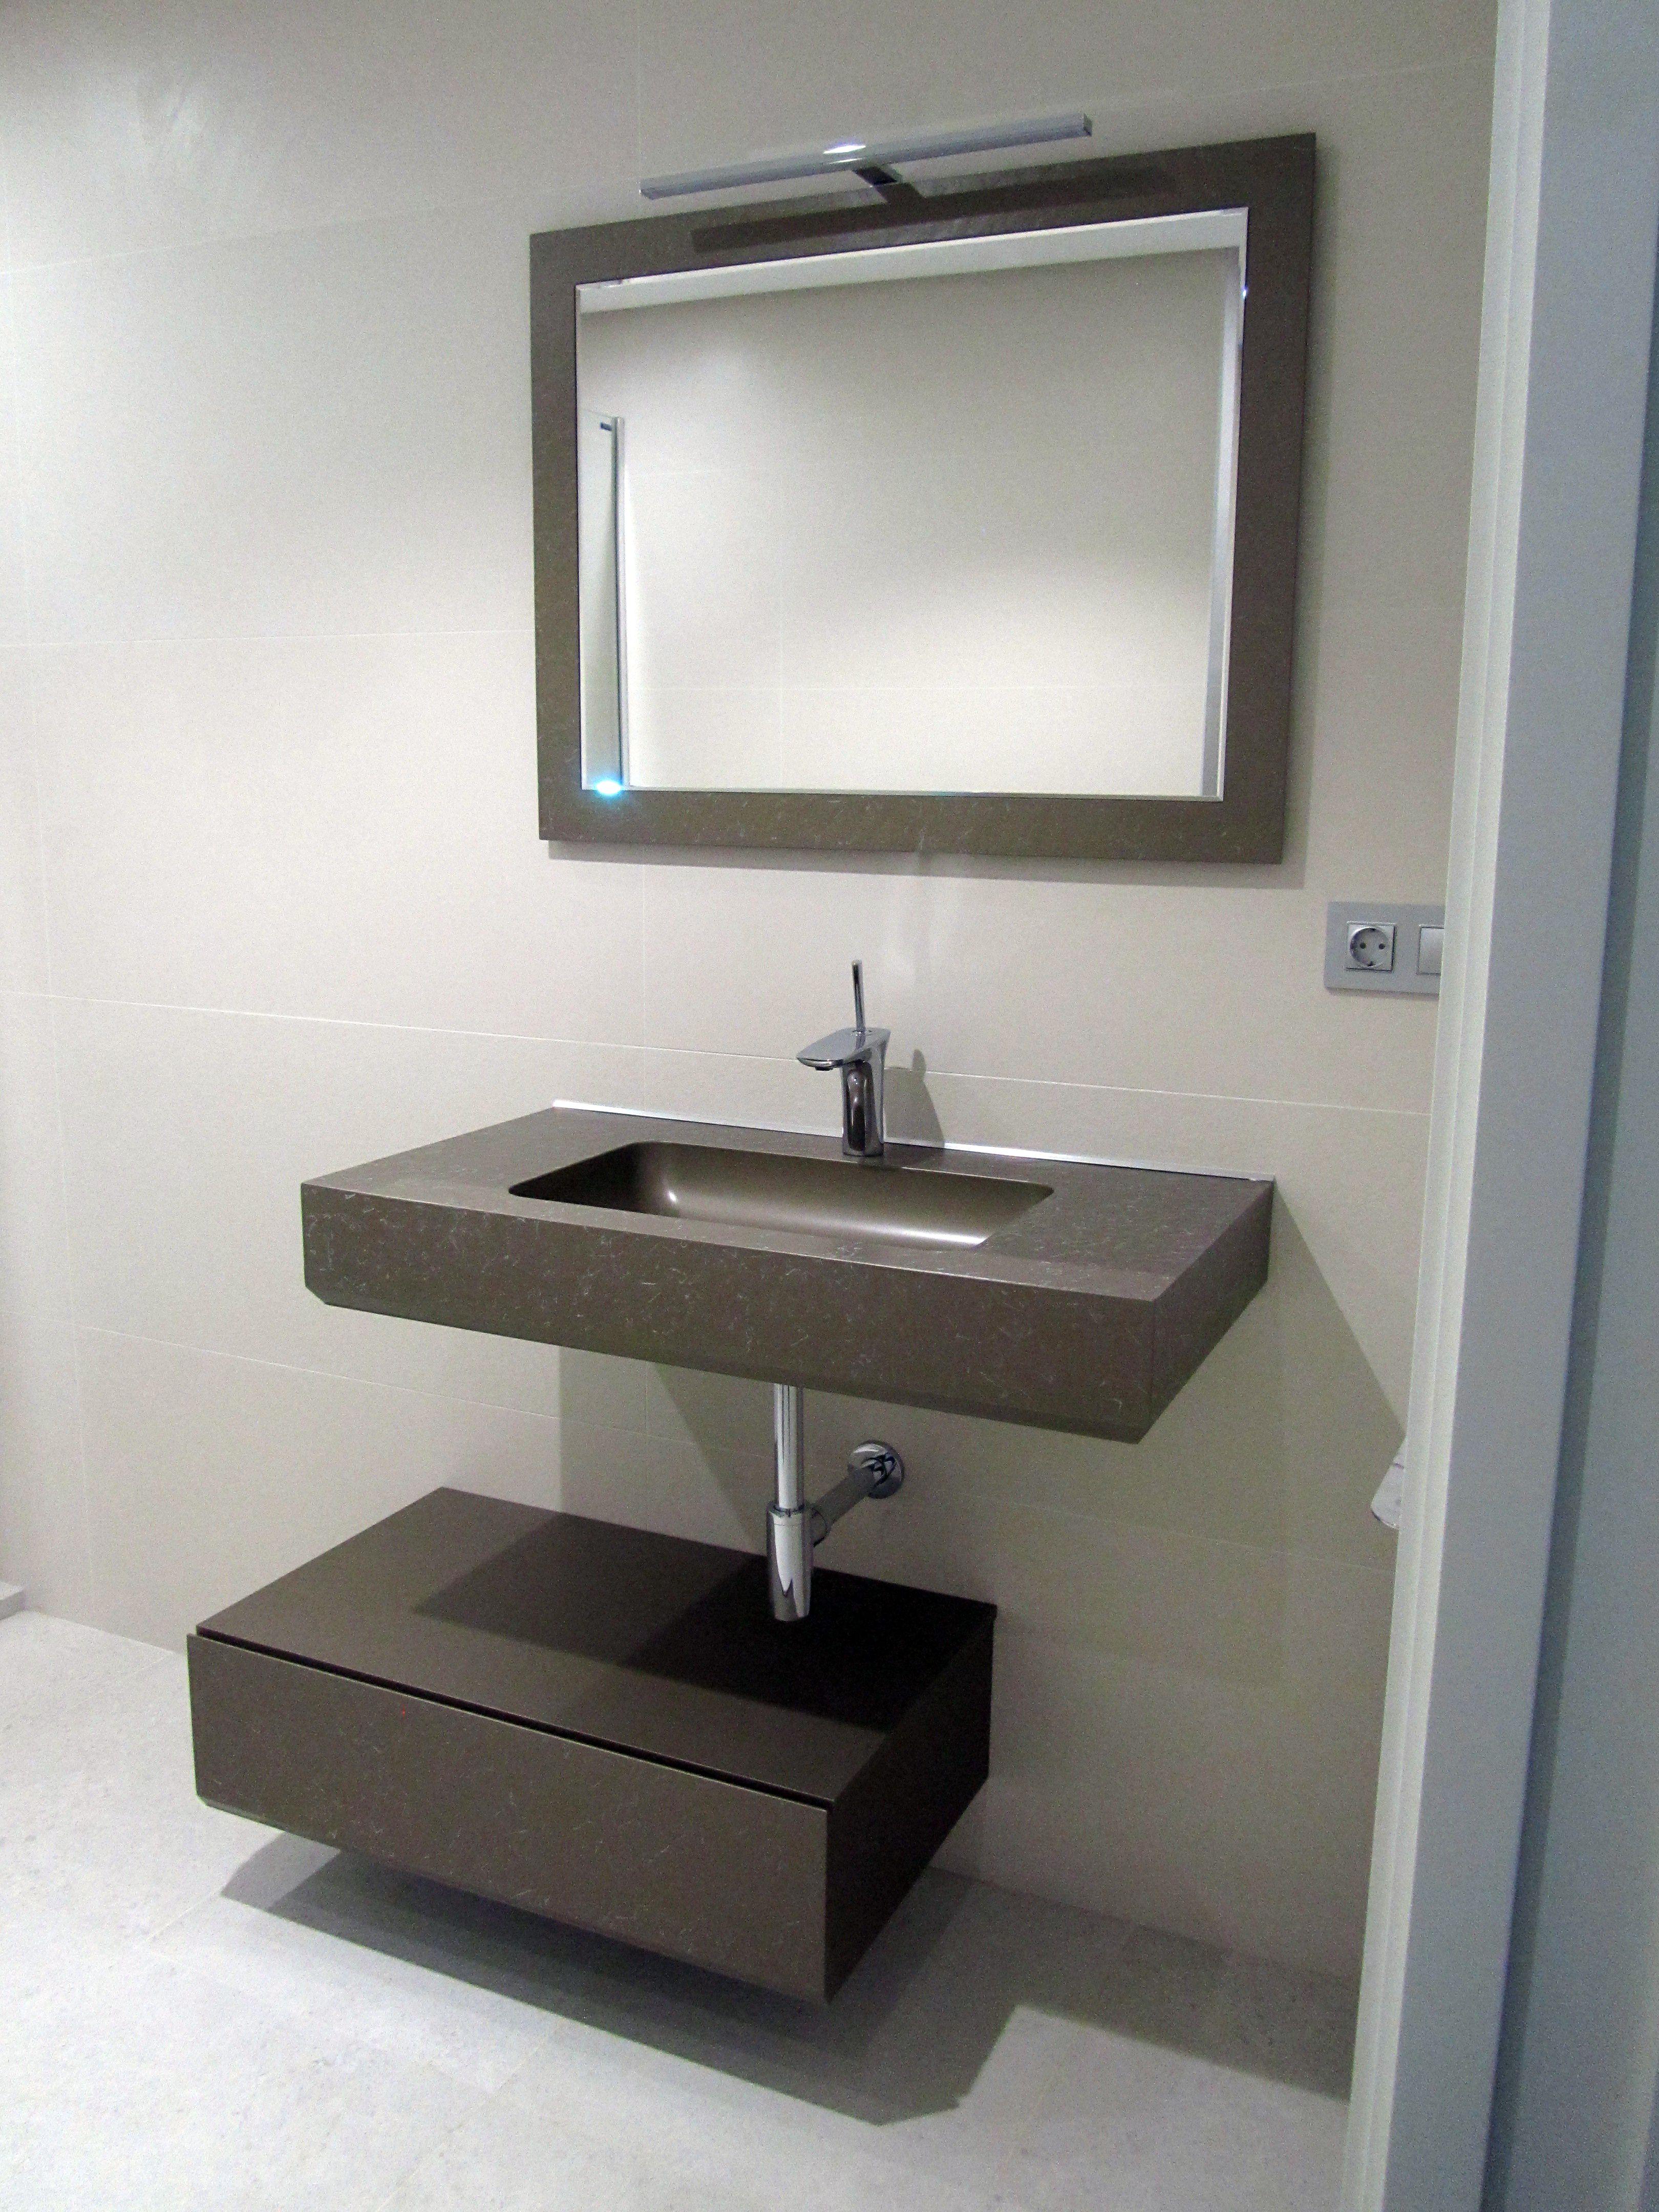 Muebles de diseño para baño de la mano de Fiora. Colección Making ...